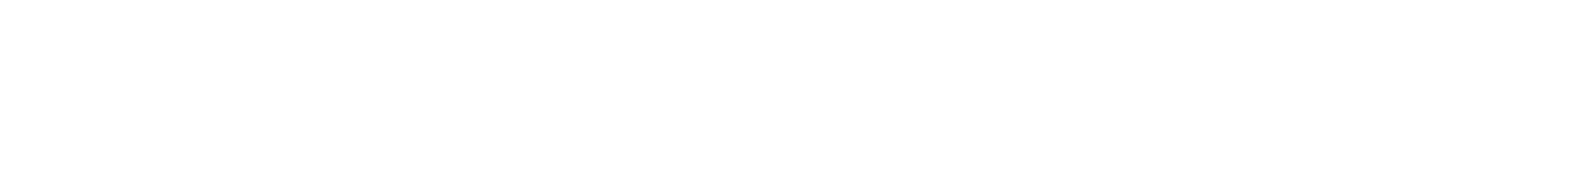 Logo (Name in Futura MEDIUM (25)) WHITE.png